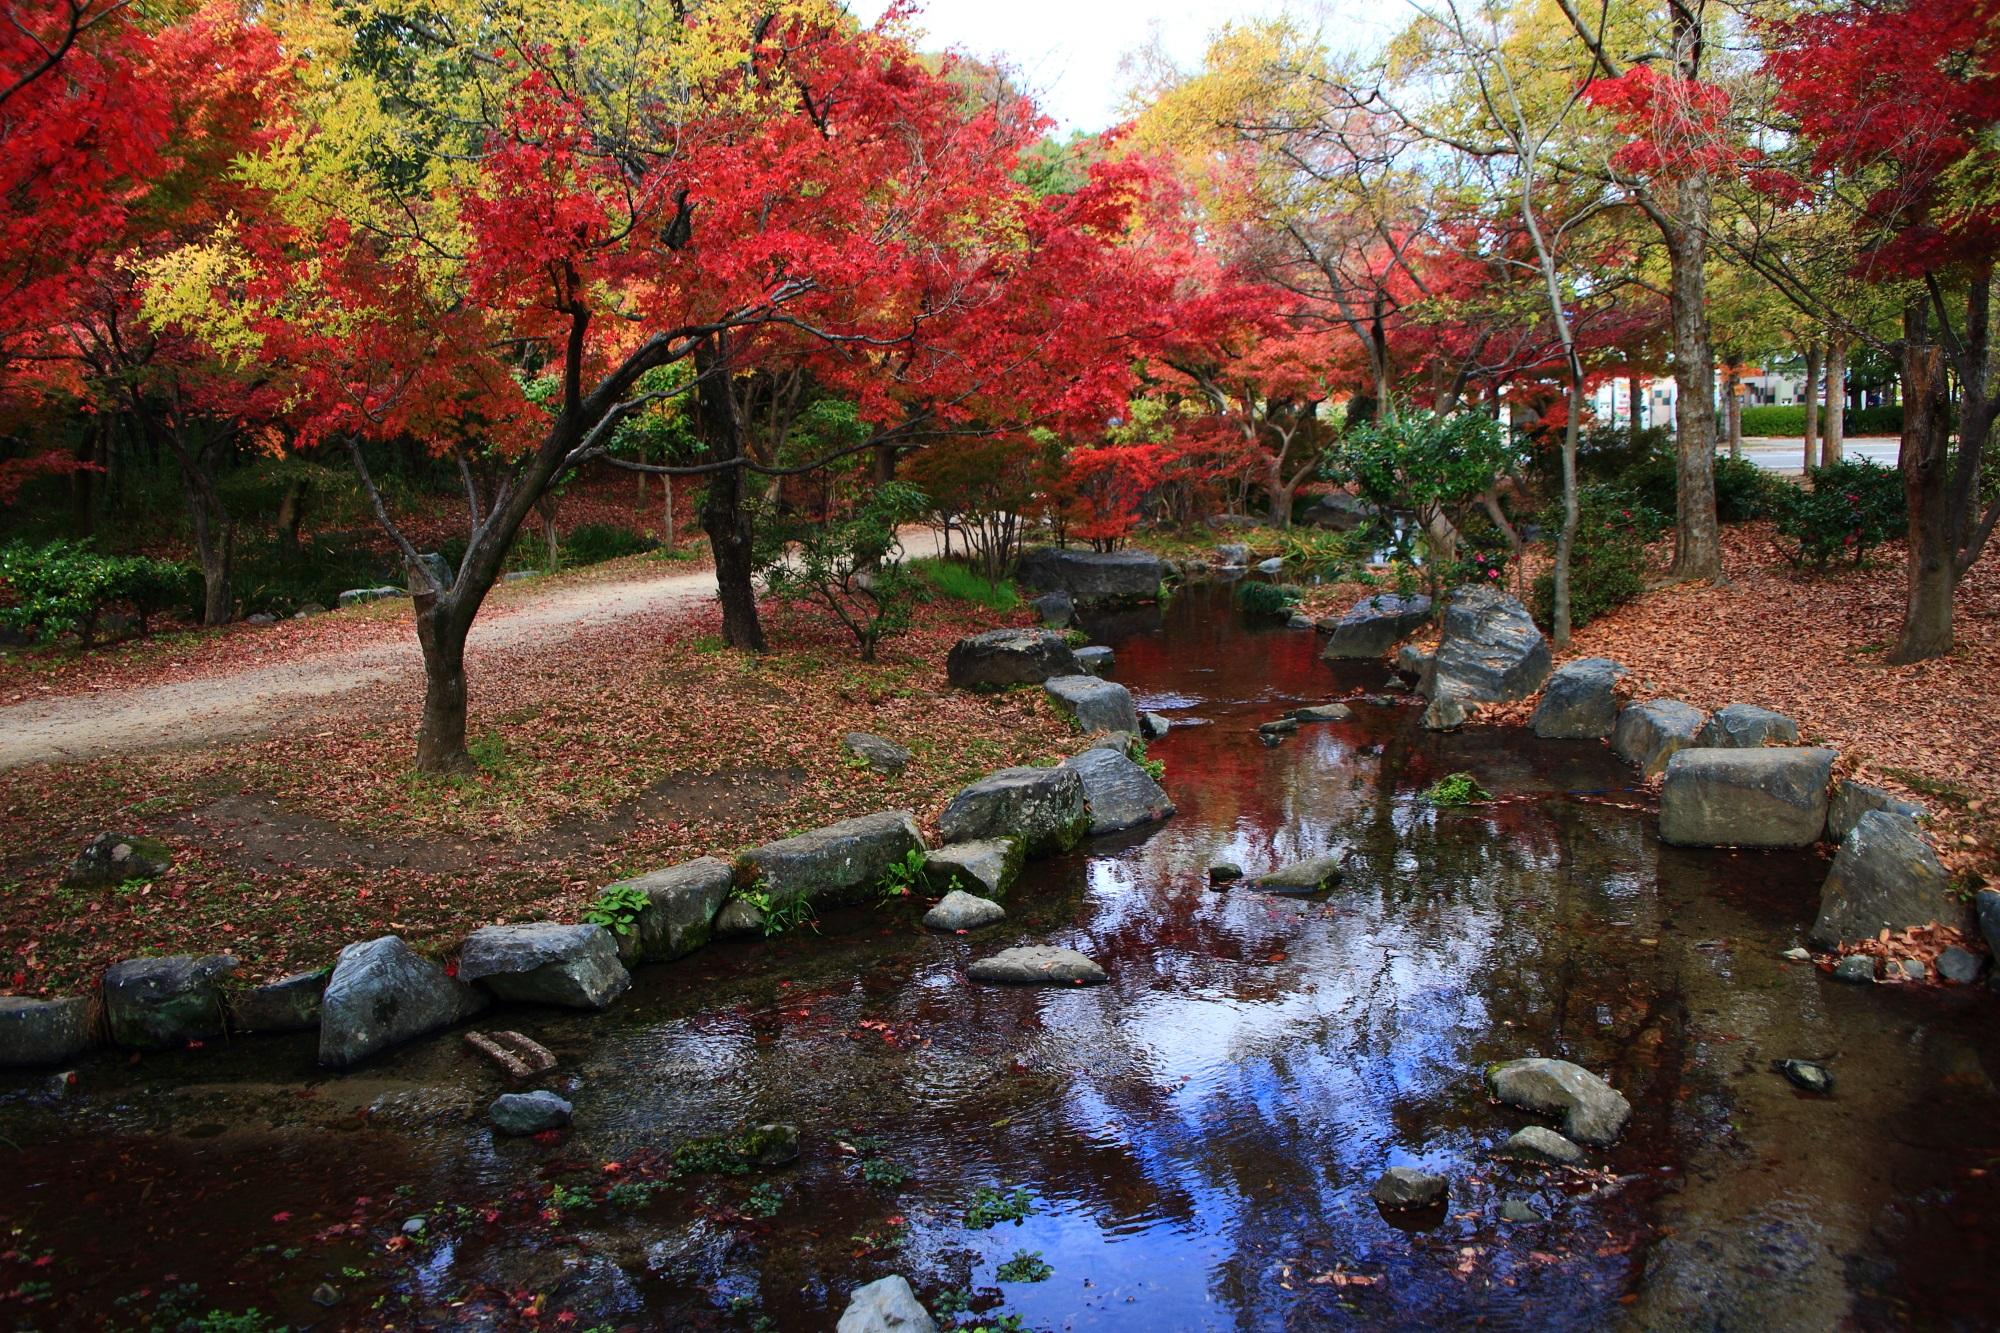 紅葉の名所の梅小路公園の美しい水鏡と紅葉